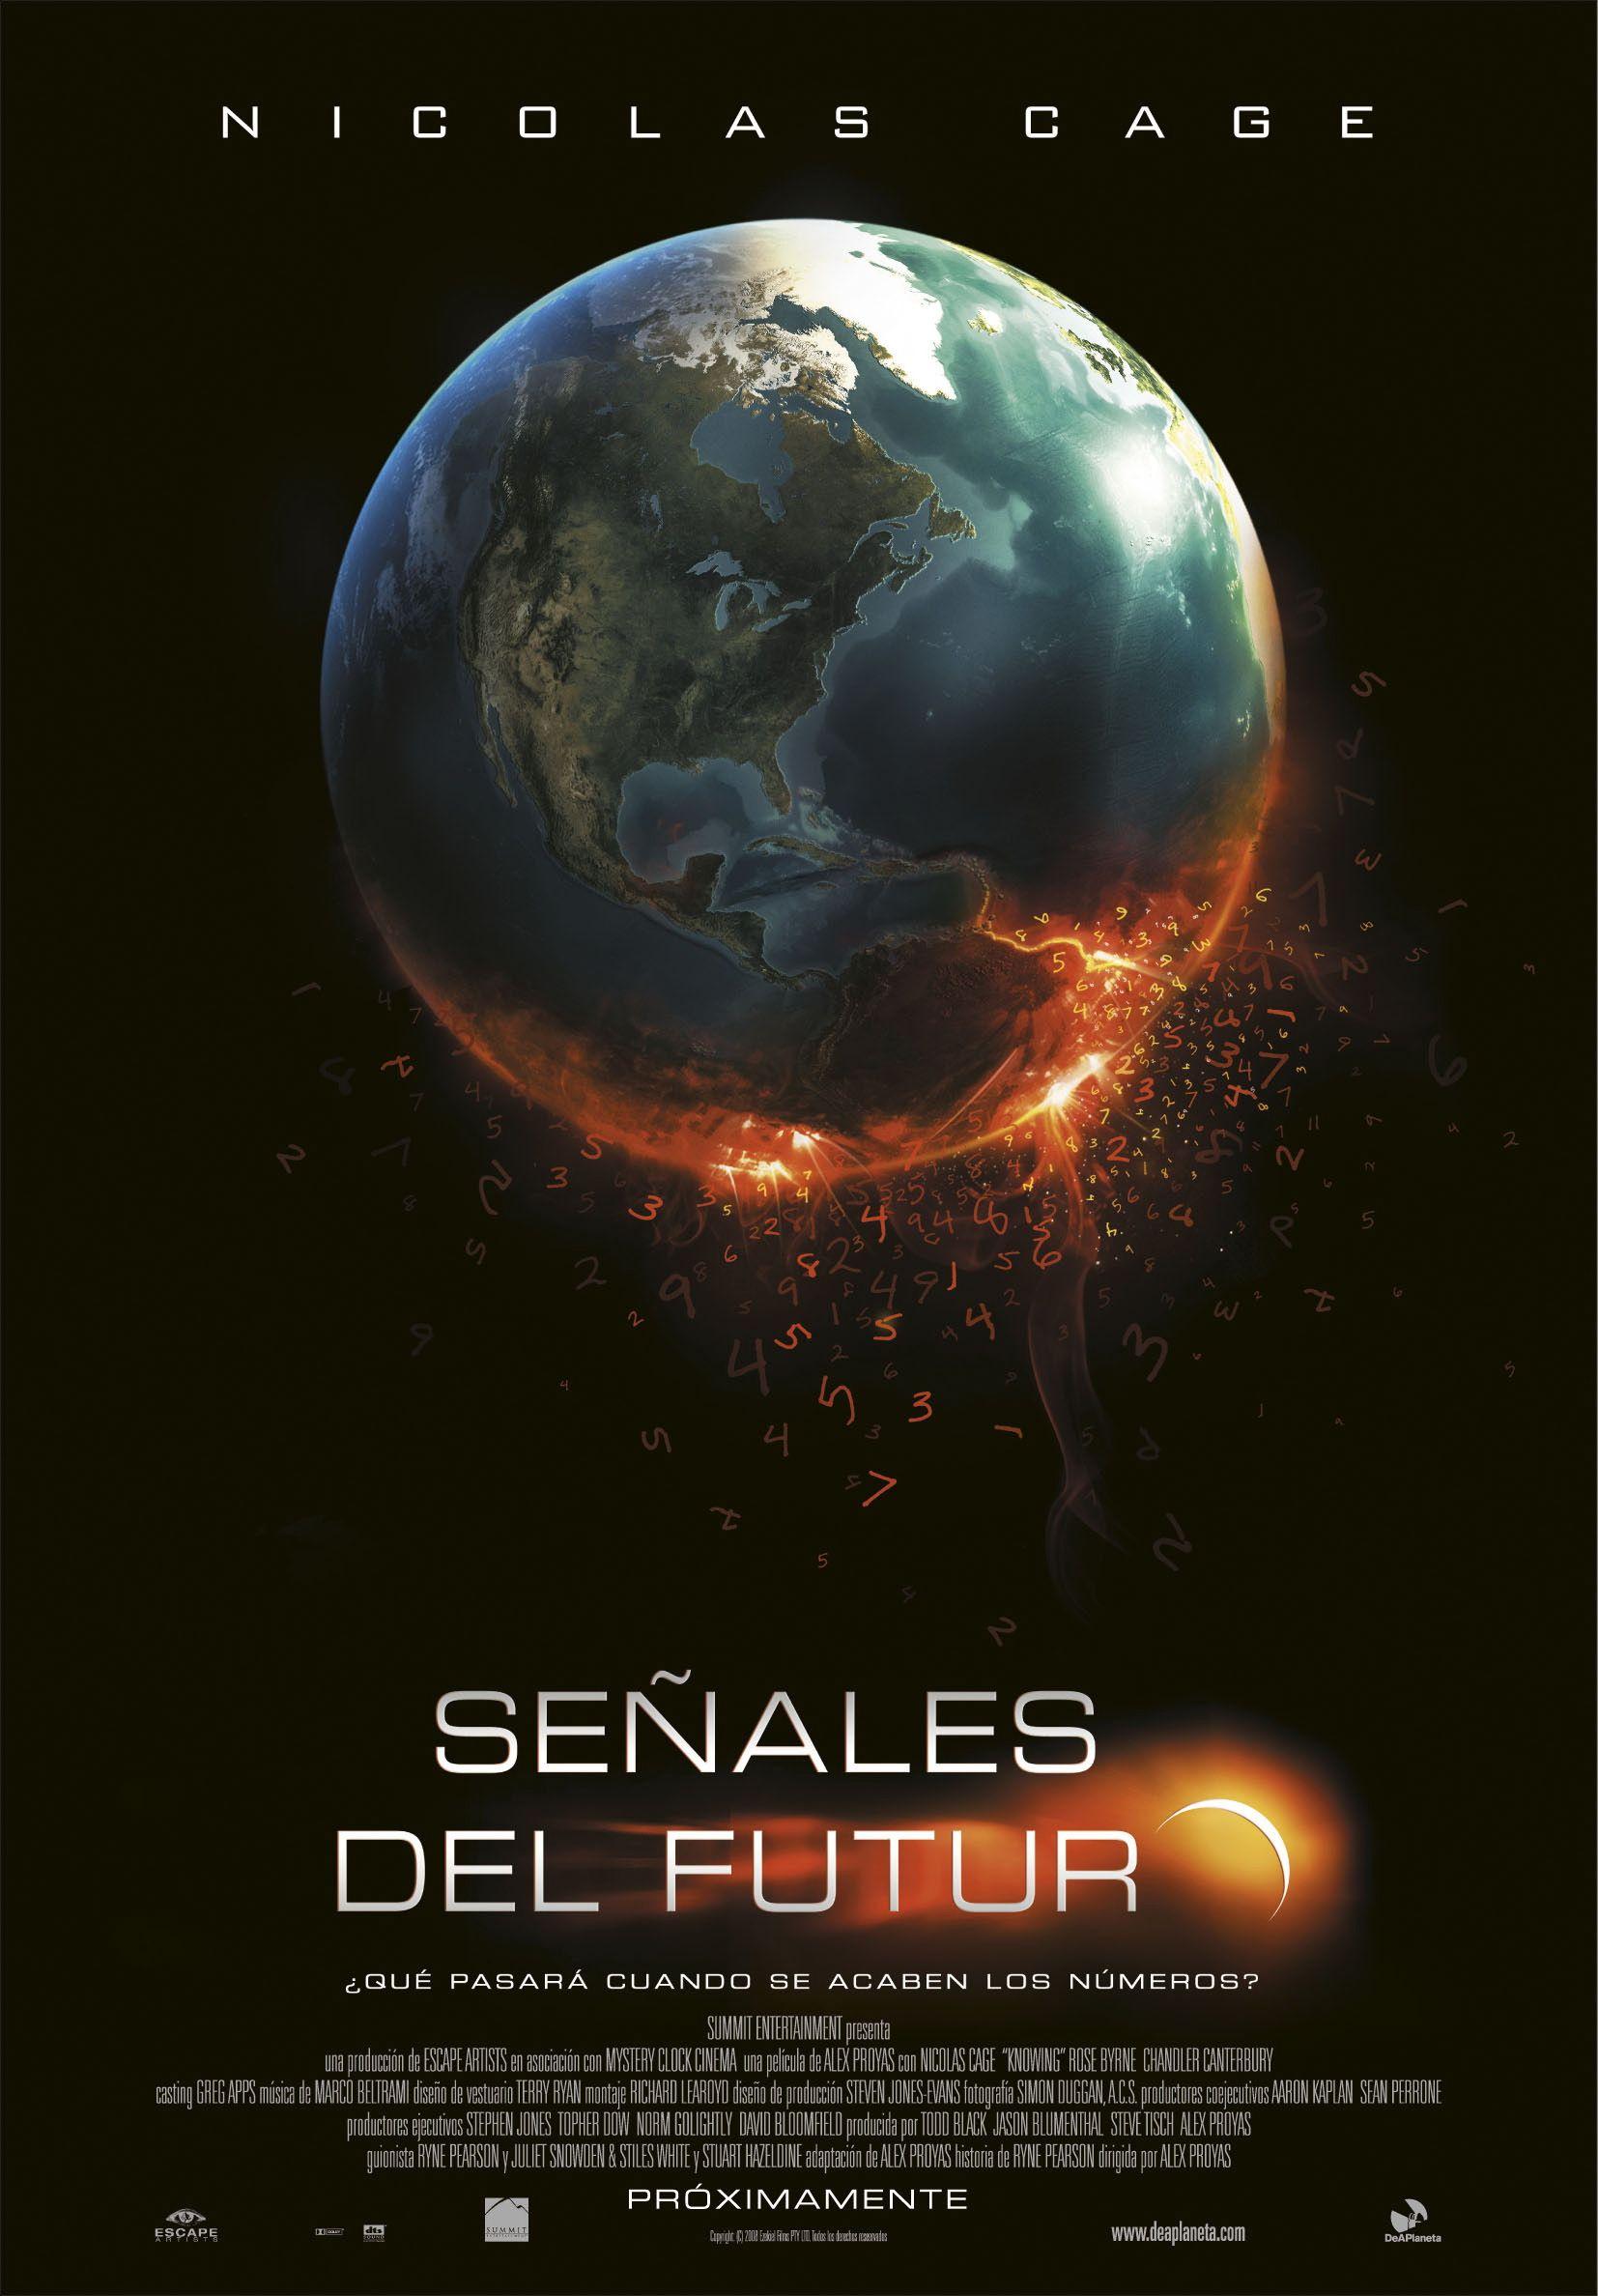 Senales Del Futuro Nicolas Cage Peliculas Peliculas Completas